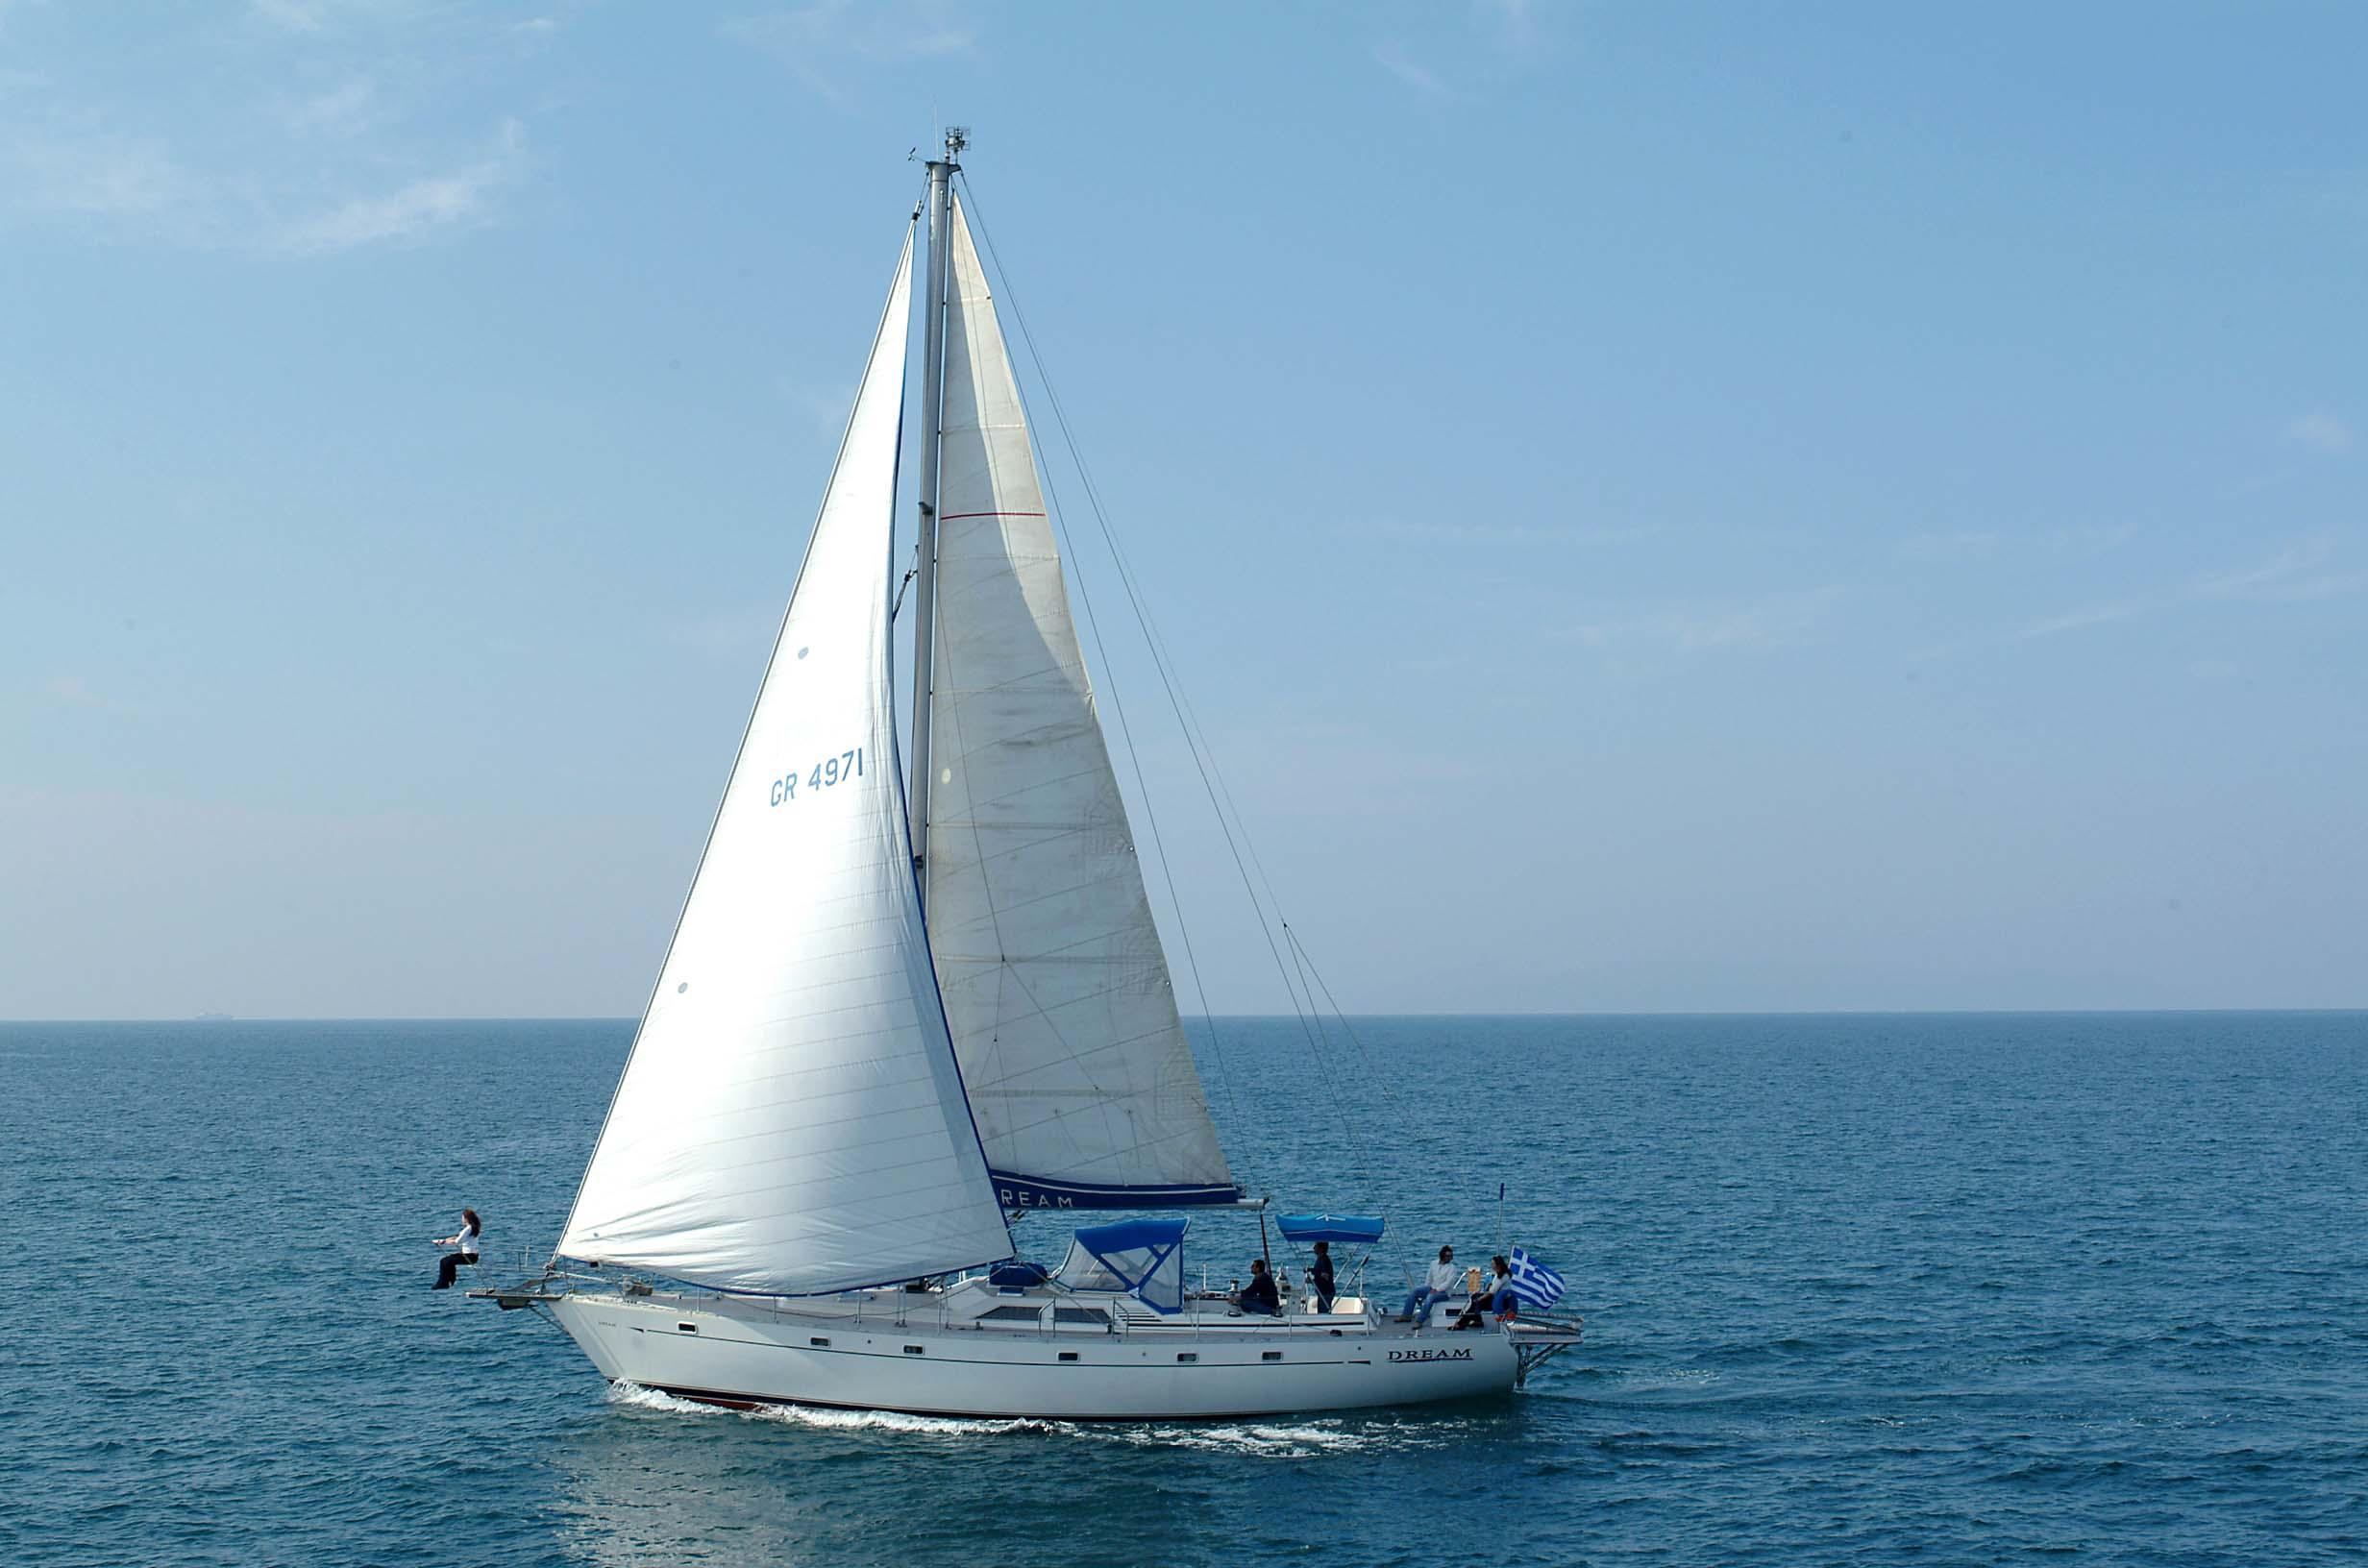 Отдых на яхте – отличный вариант провести свободное время